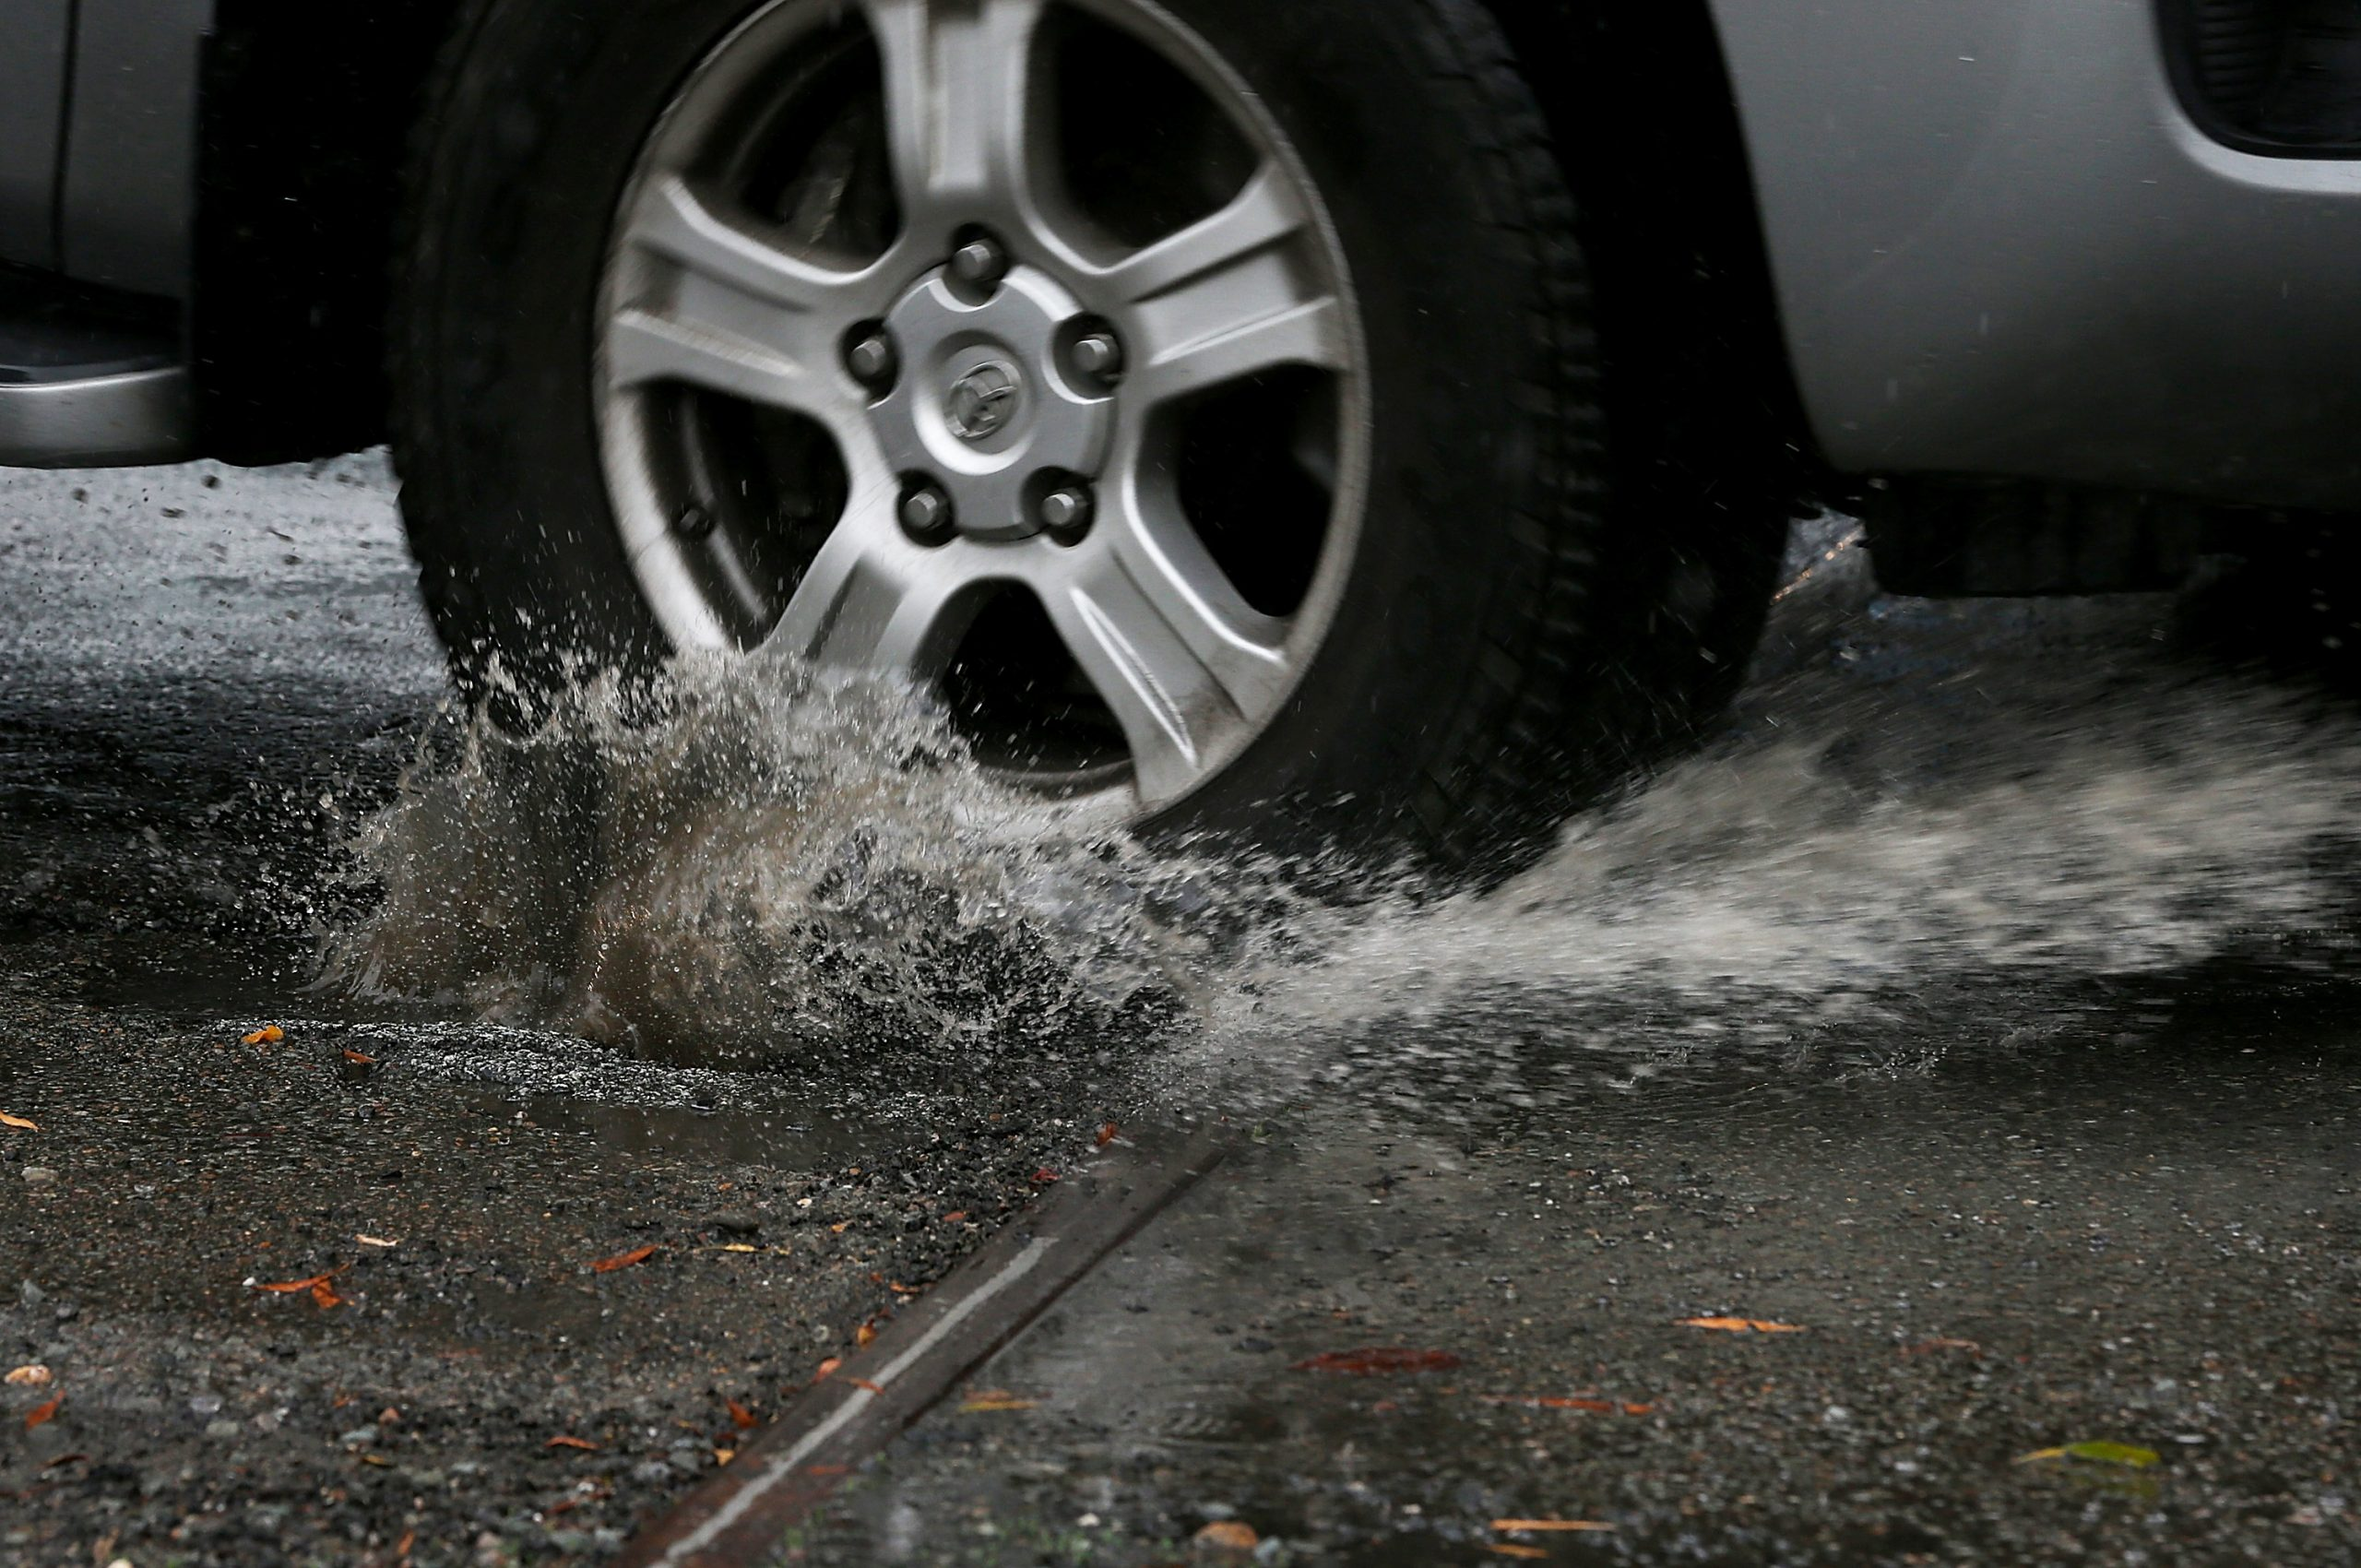 Car Tires vs. Potholes